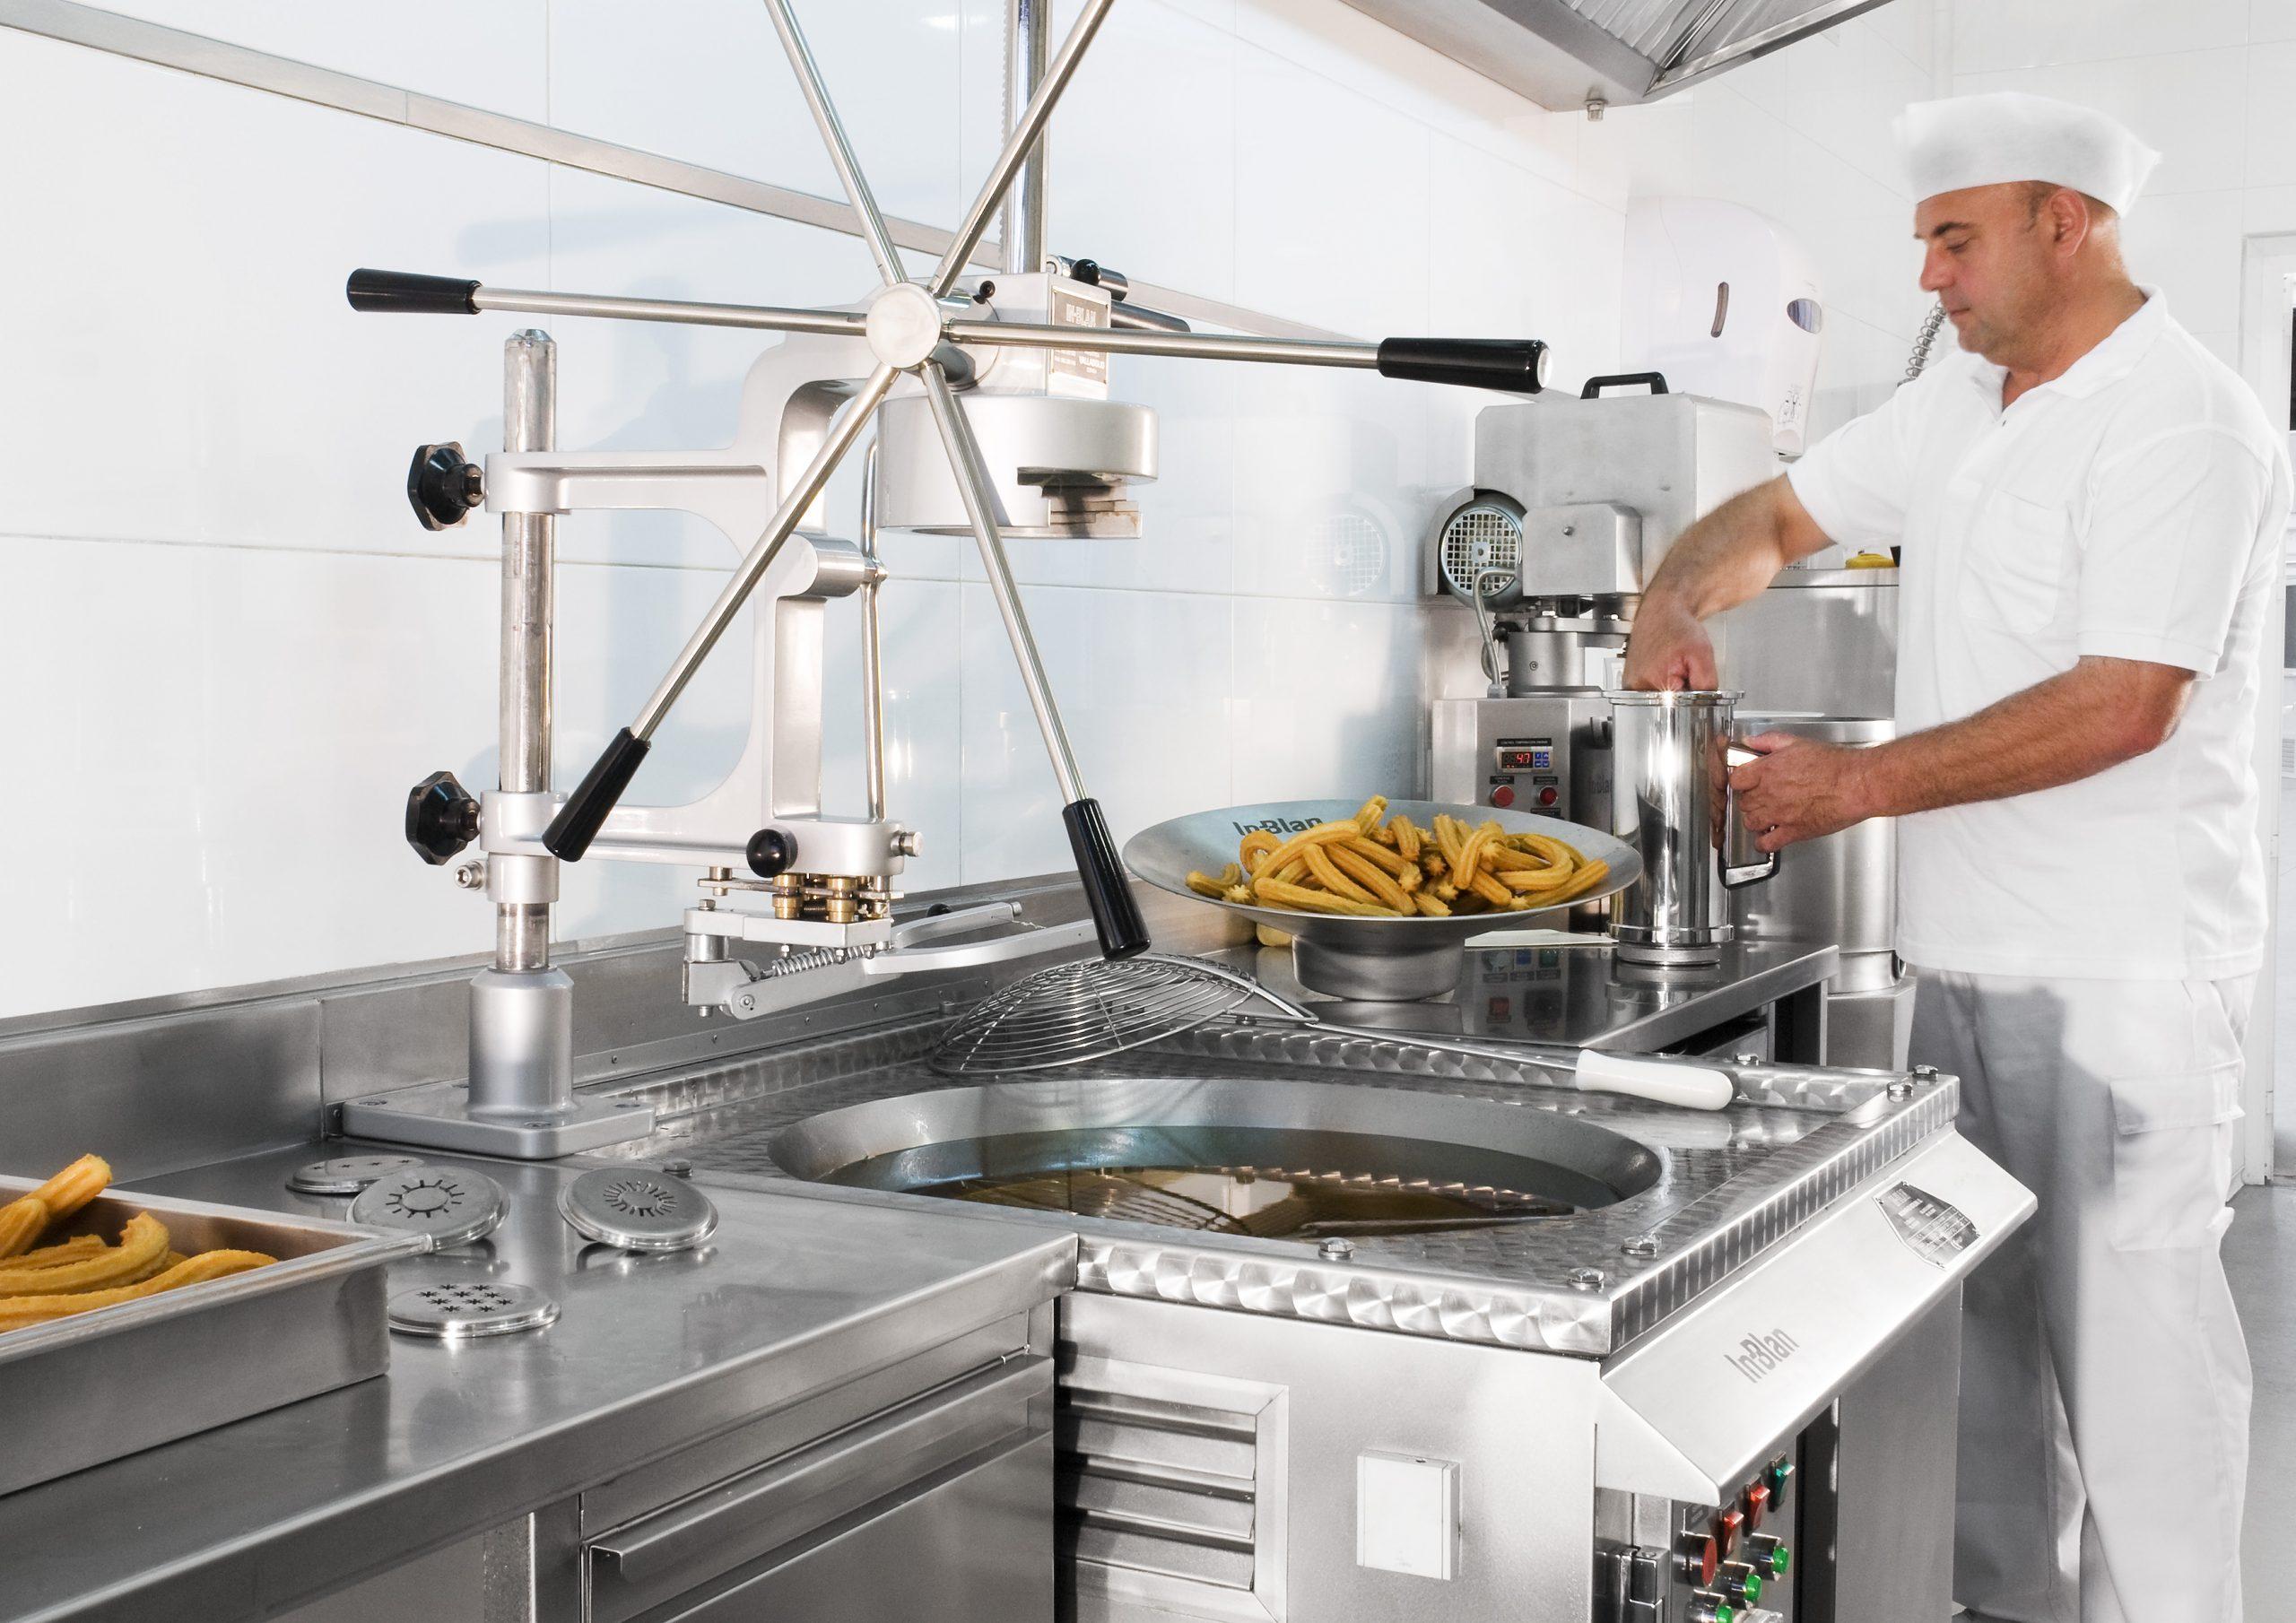 churrerias-en-tiempos-de-coronavirus:-un-negocio-que-sigue-dando-beneficios